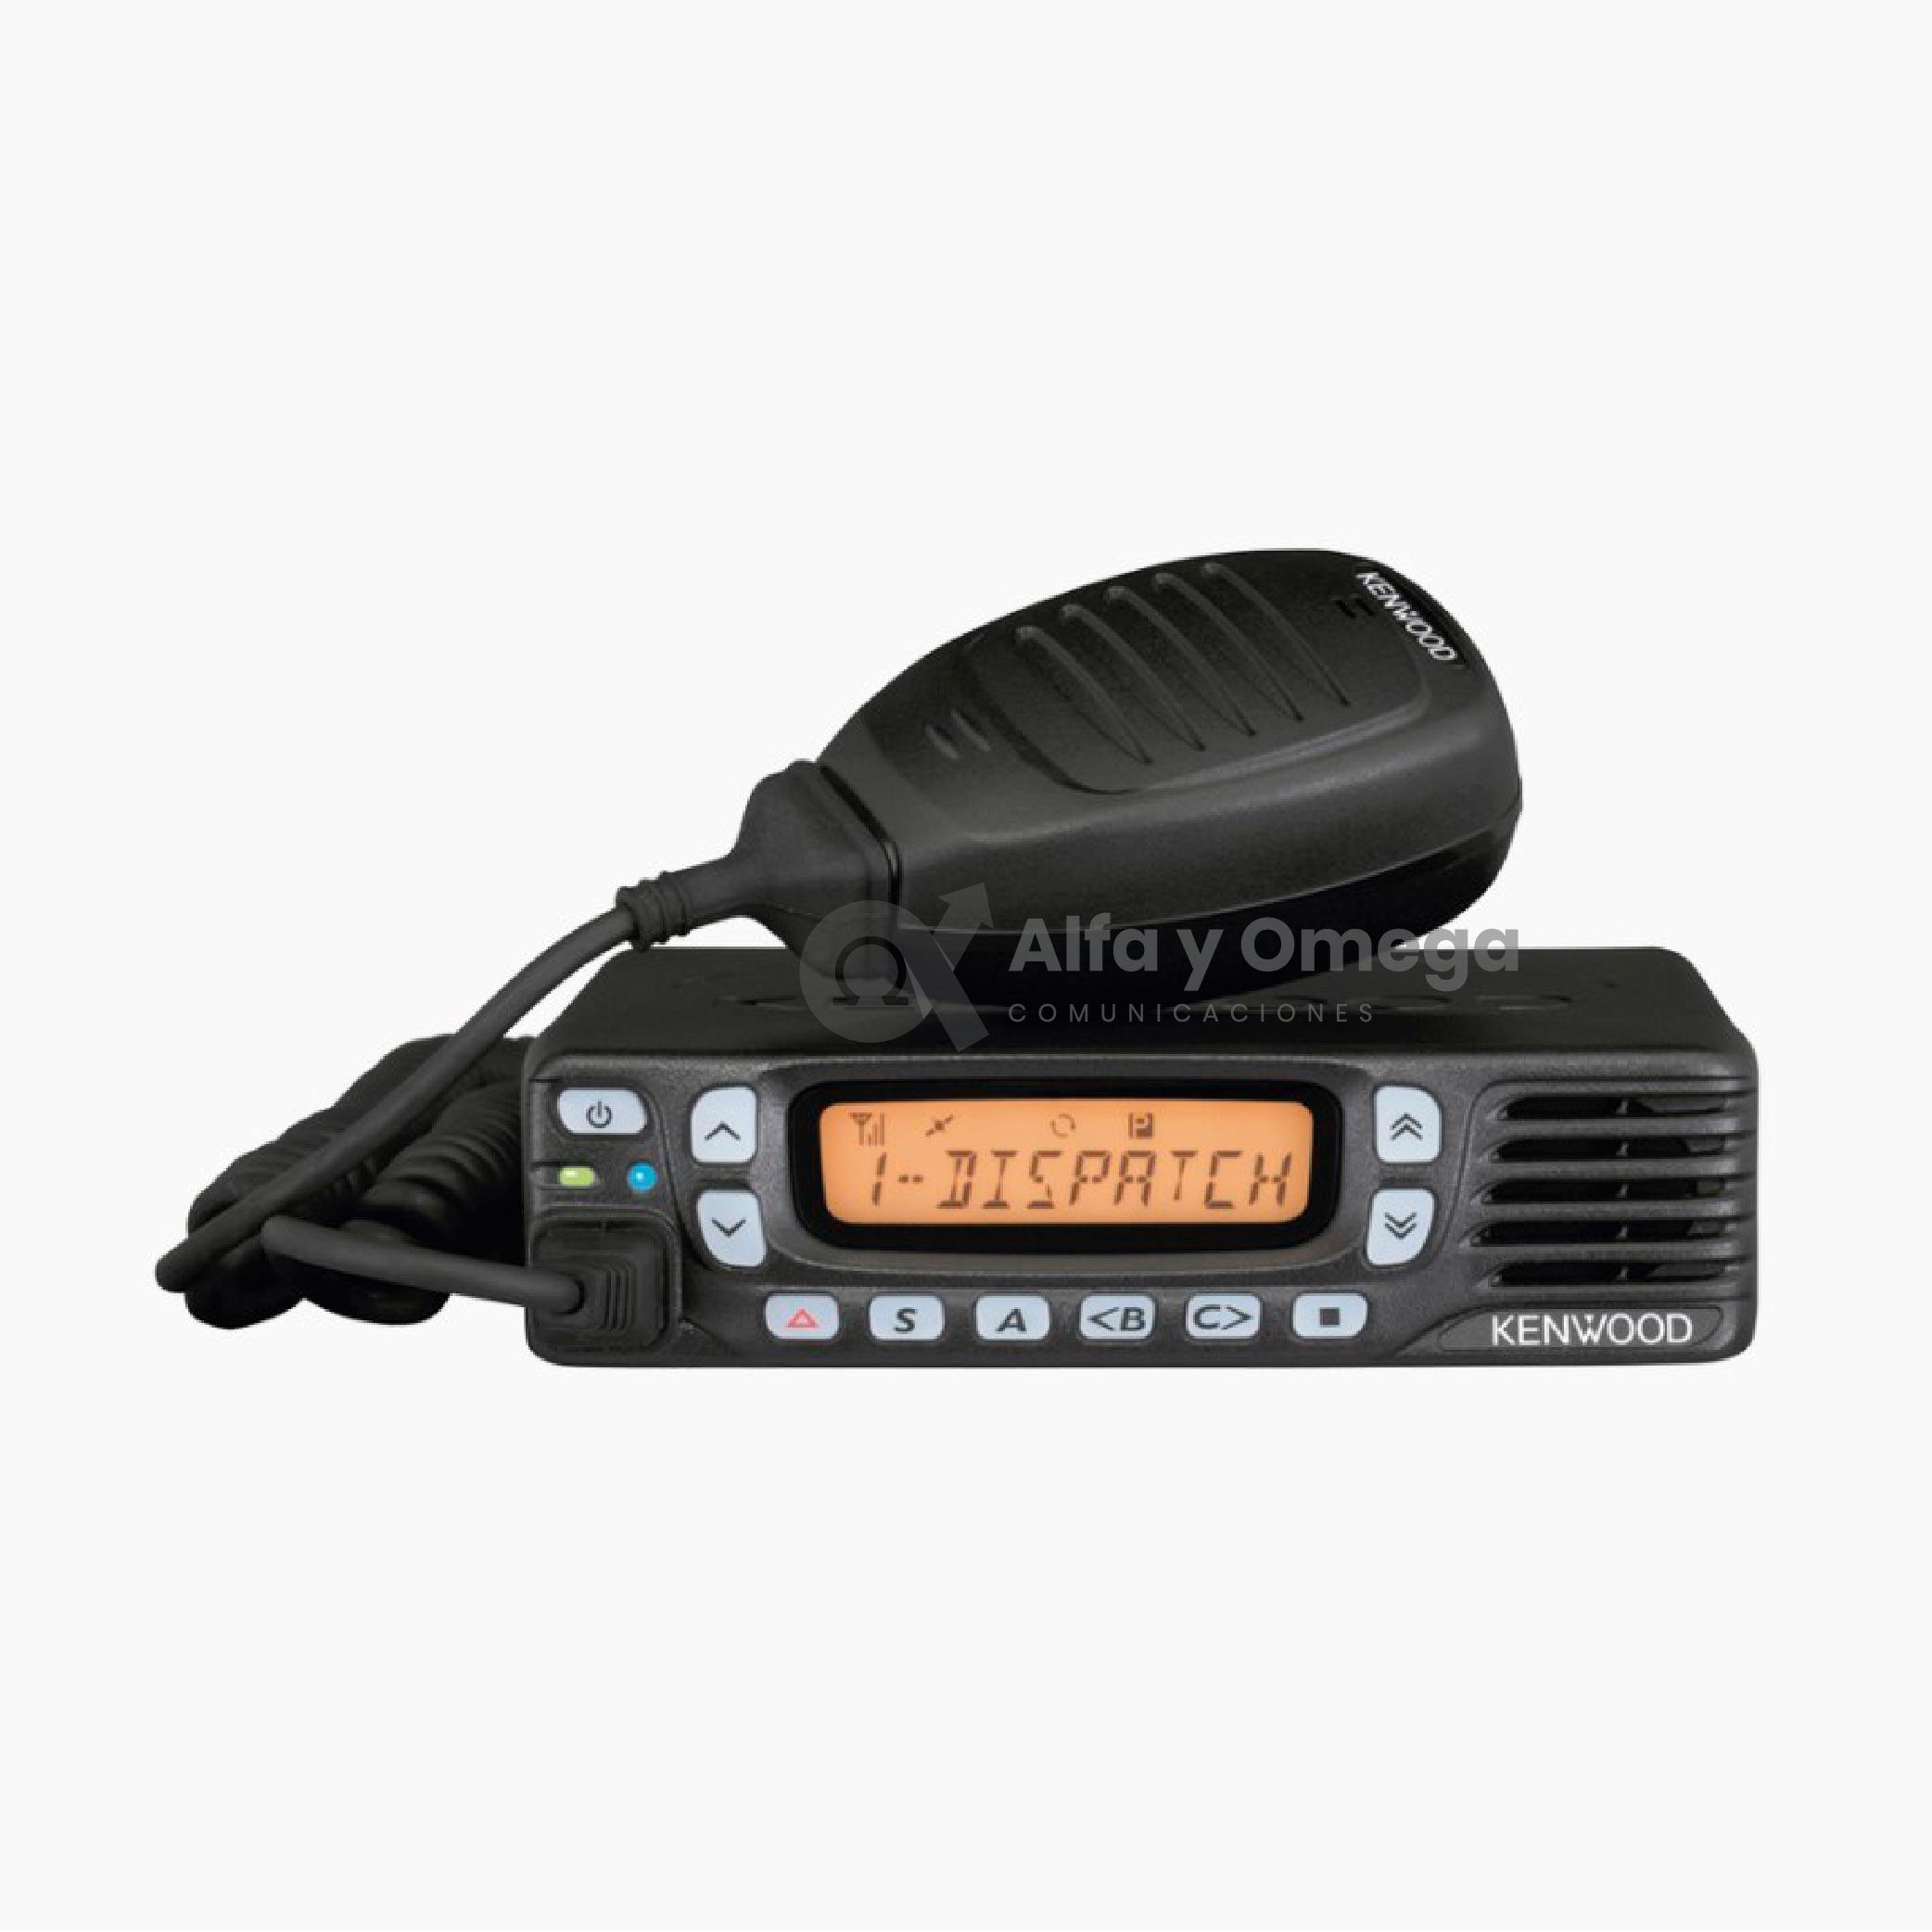 TK7360 TK8360 Radio Base Movil Kenwood